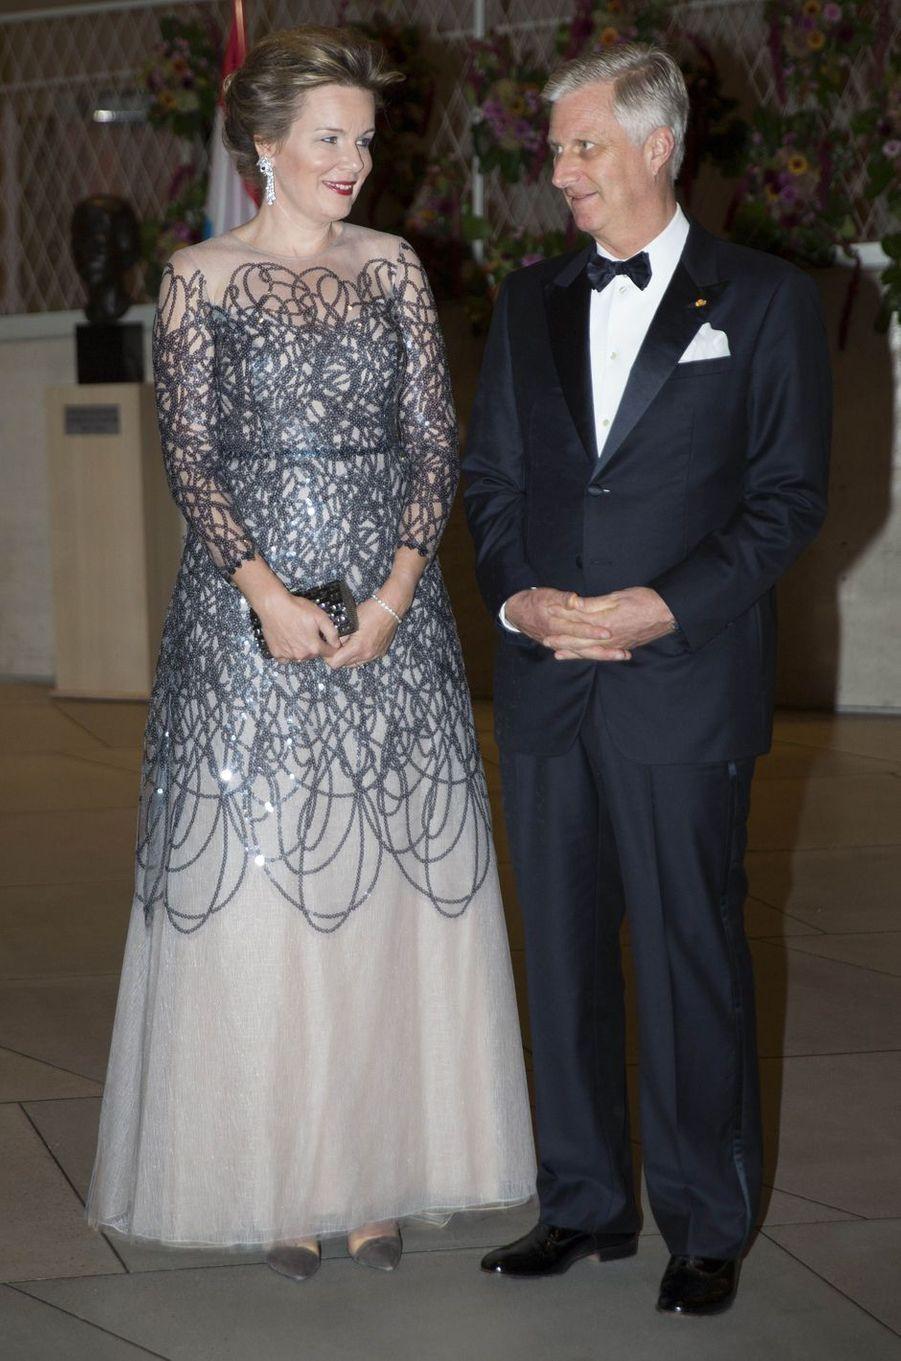 La reine Mathilde de Belgique dans une robe Natan, le 16 octobre 2019 à Luxembourg